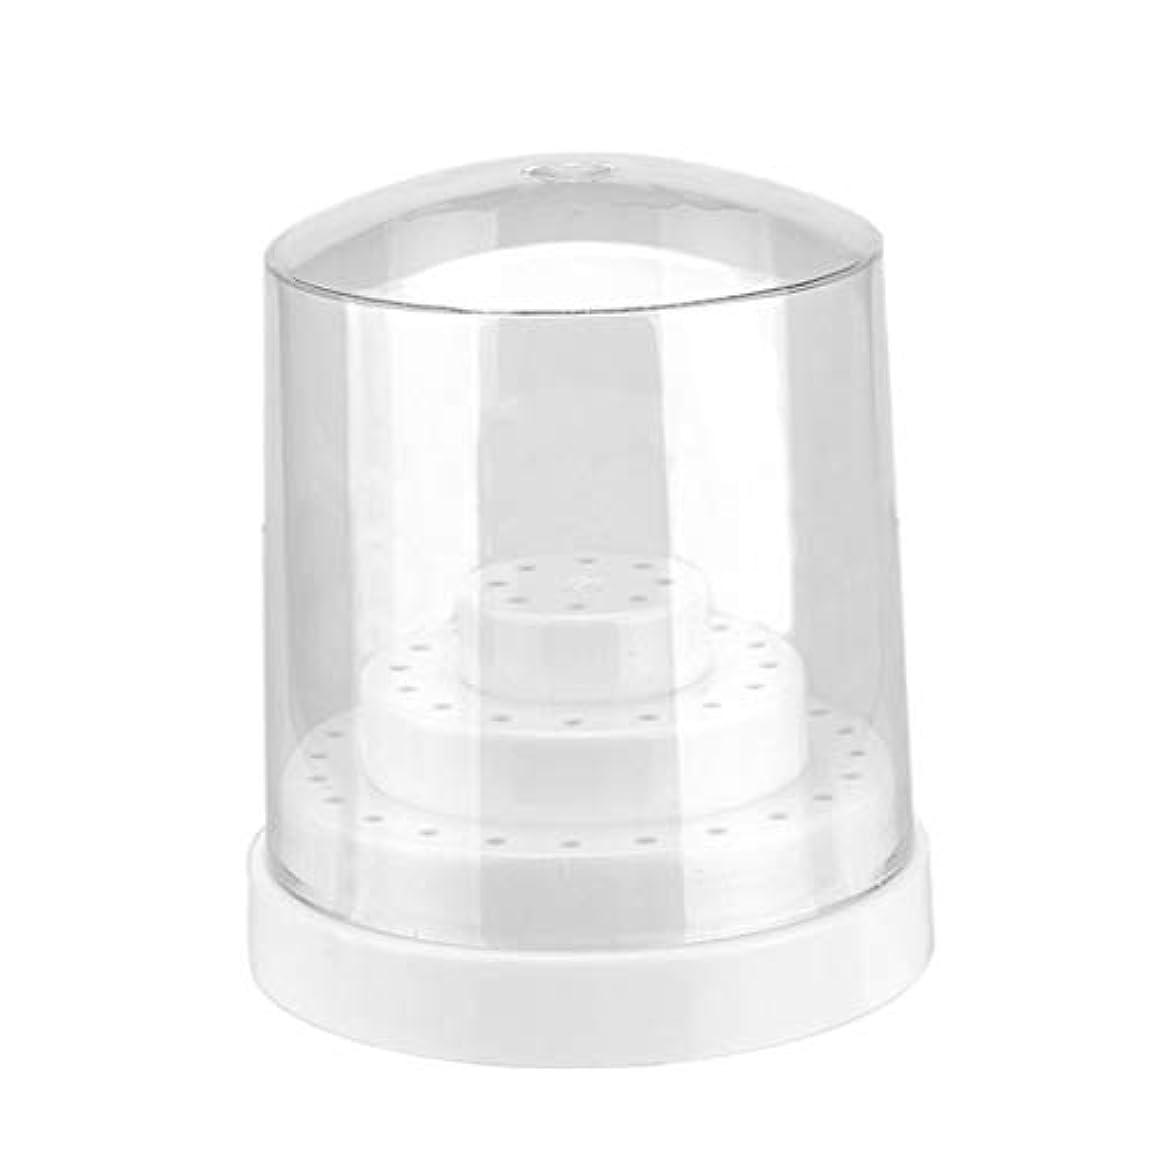 抵当カーフ宿るネイルドリルビット ネイルファイル 収納ケース オーガナイザー スタンド プラスチック